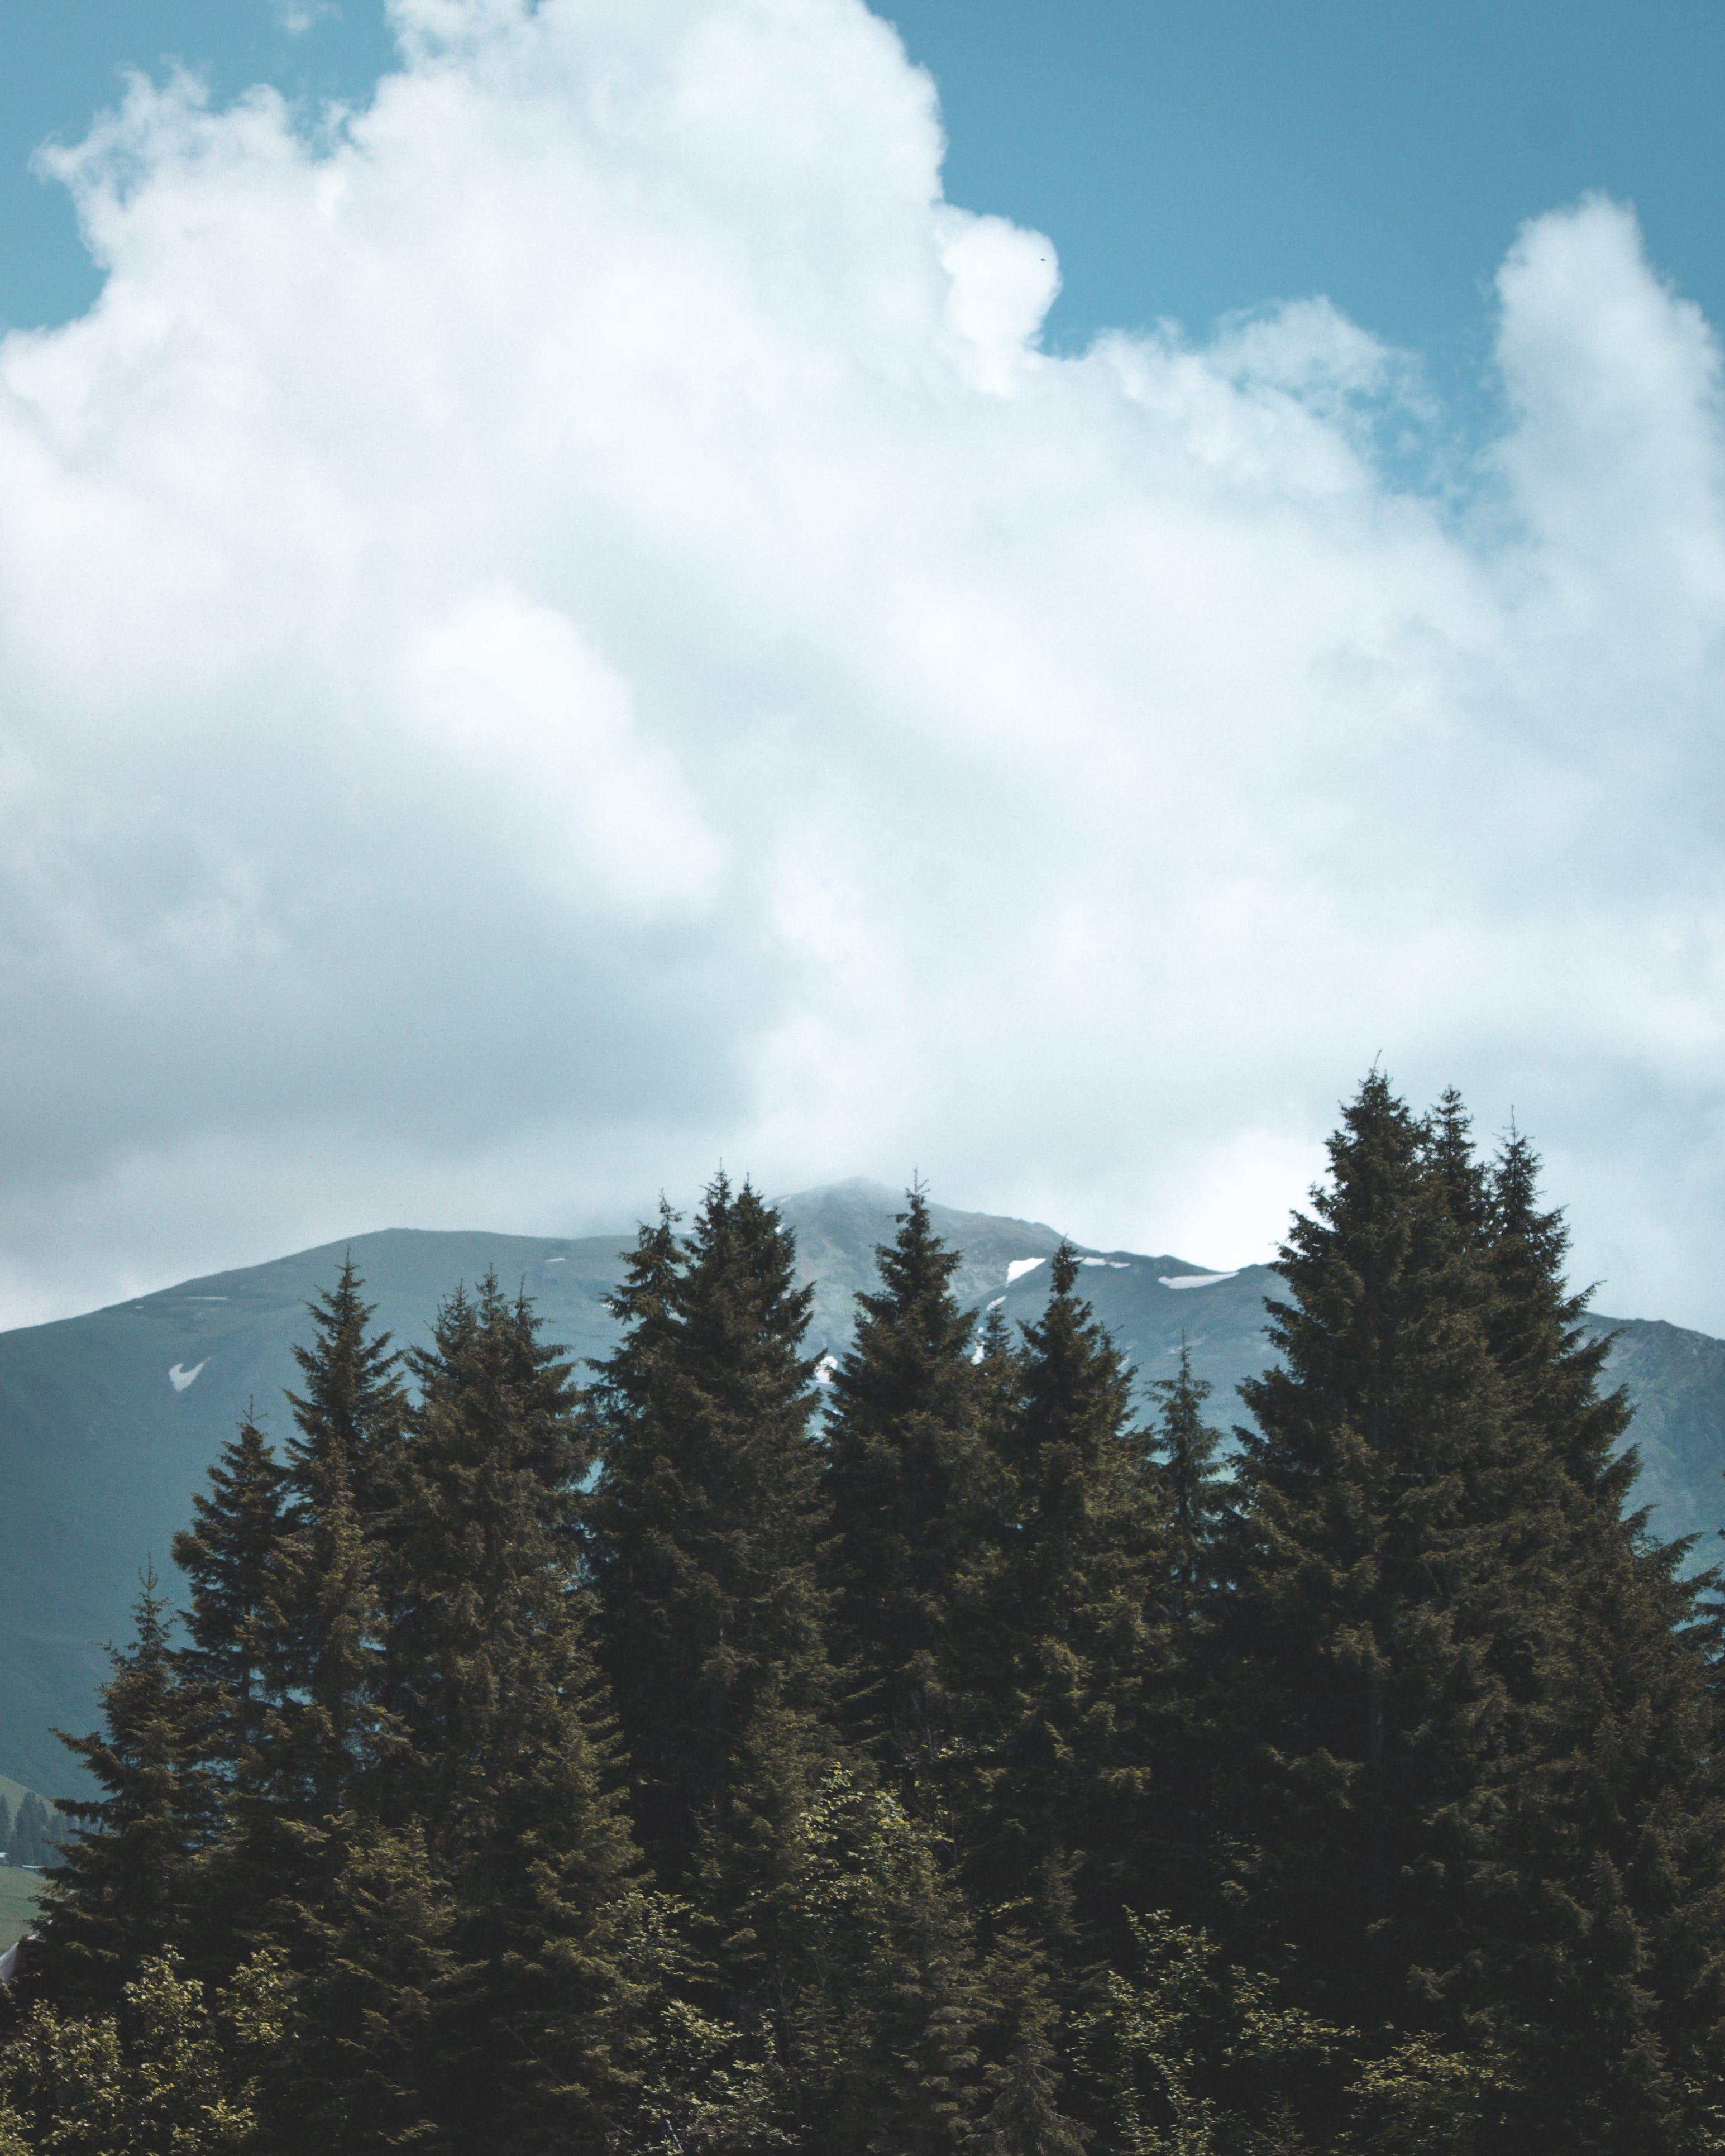 Δωρεάν στοκ φωτογραφιών με βουνό, γραφικός, δέντρα, κωνοφόρα